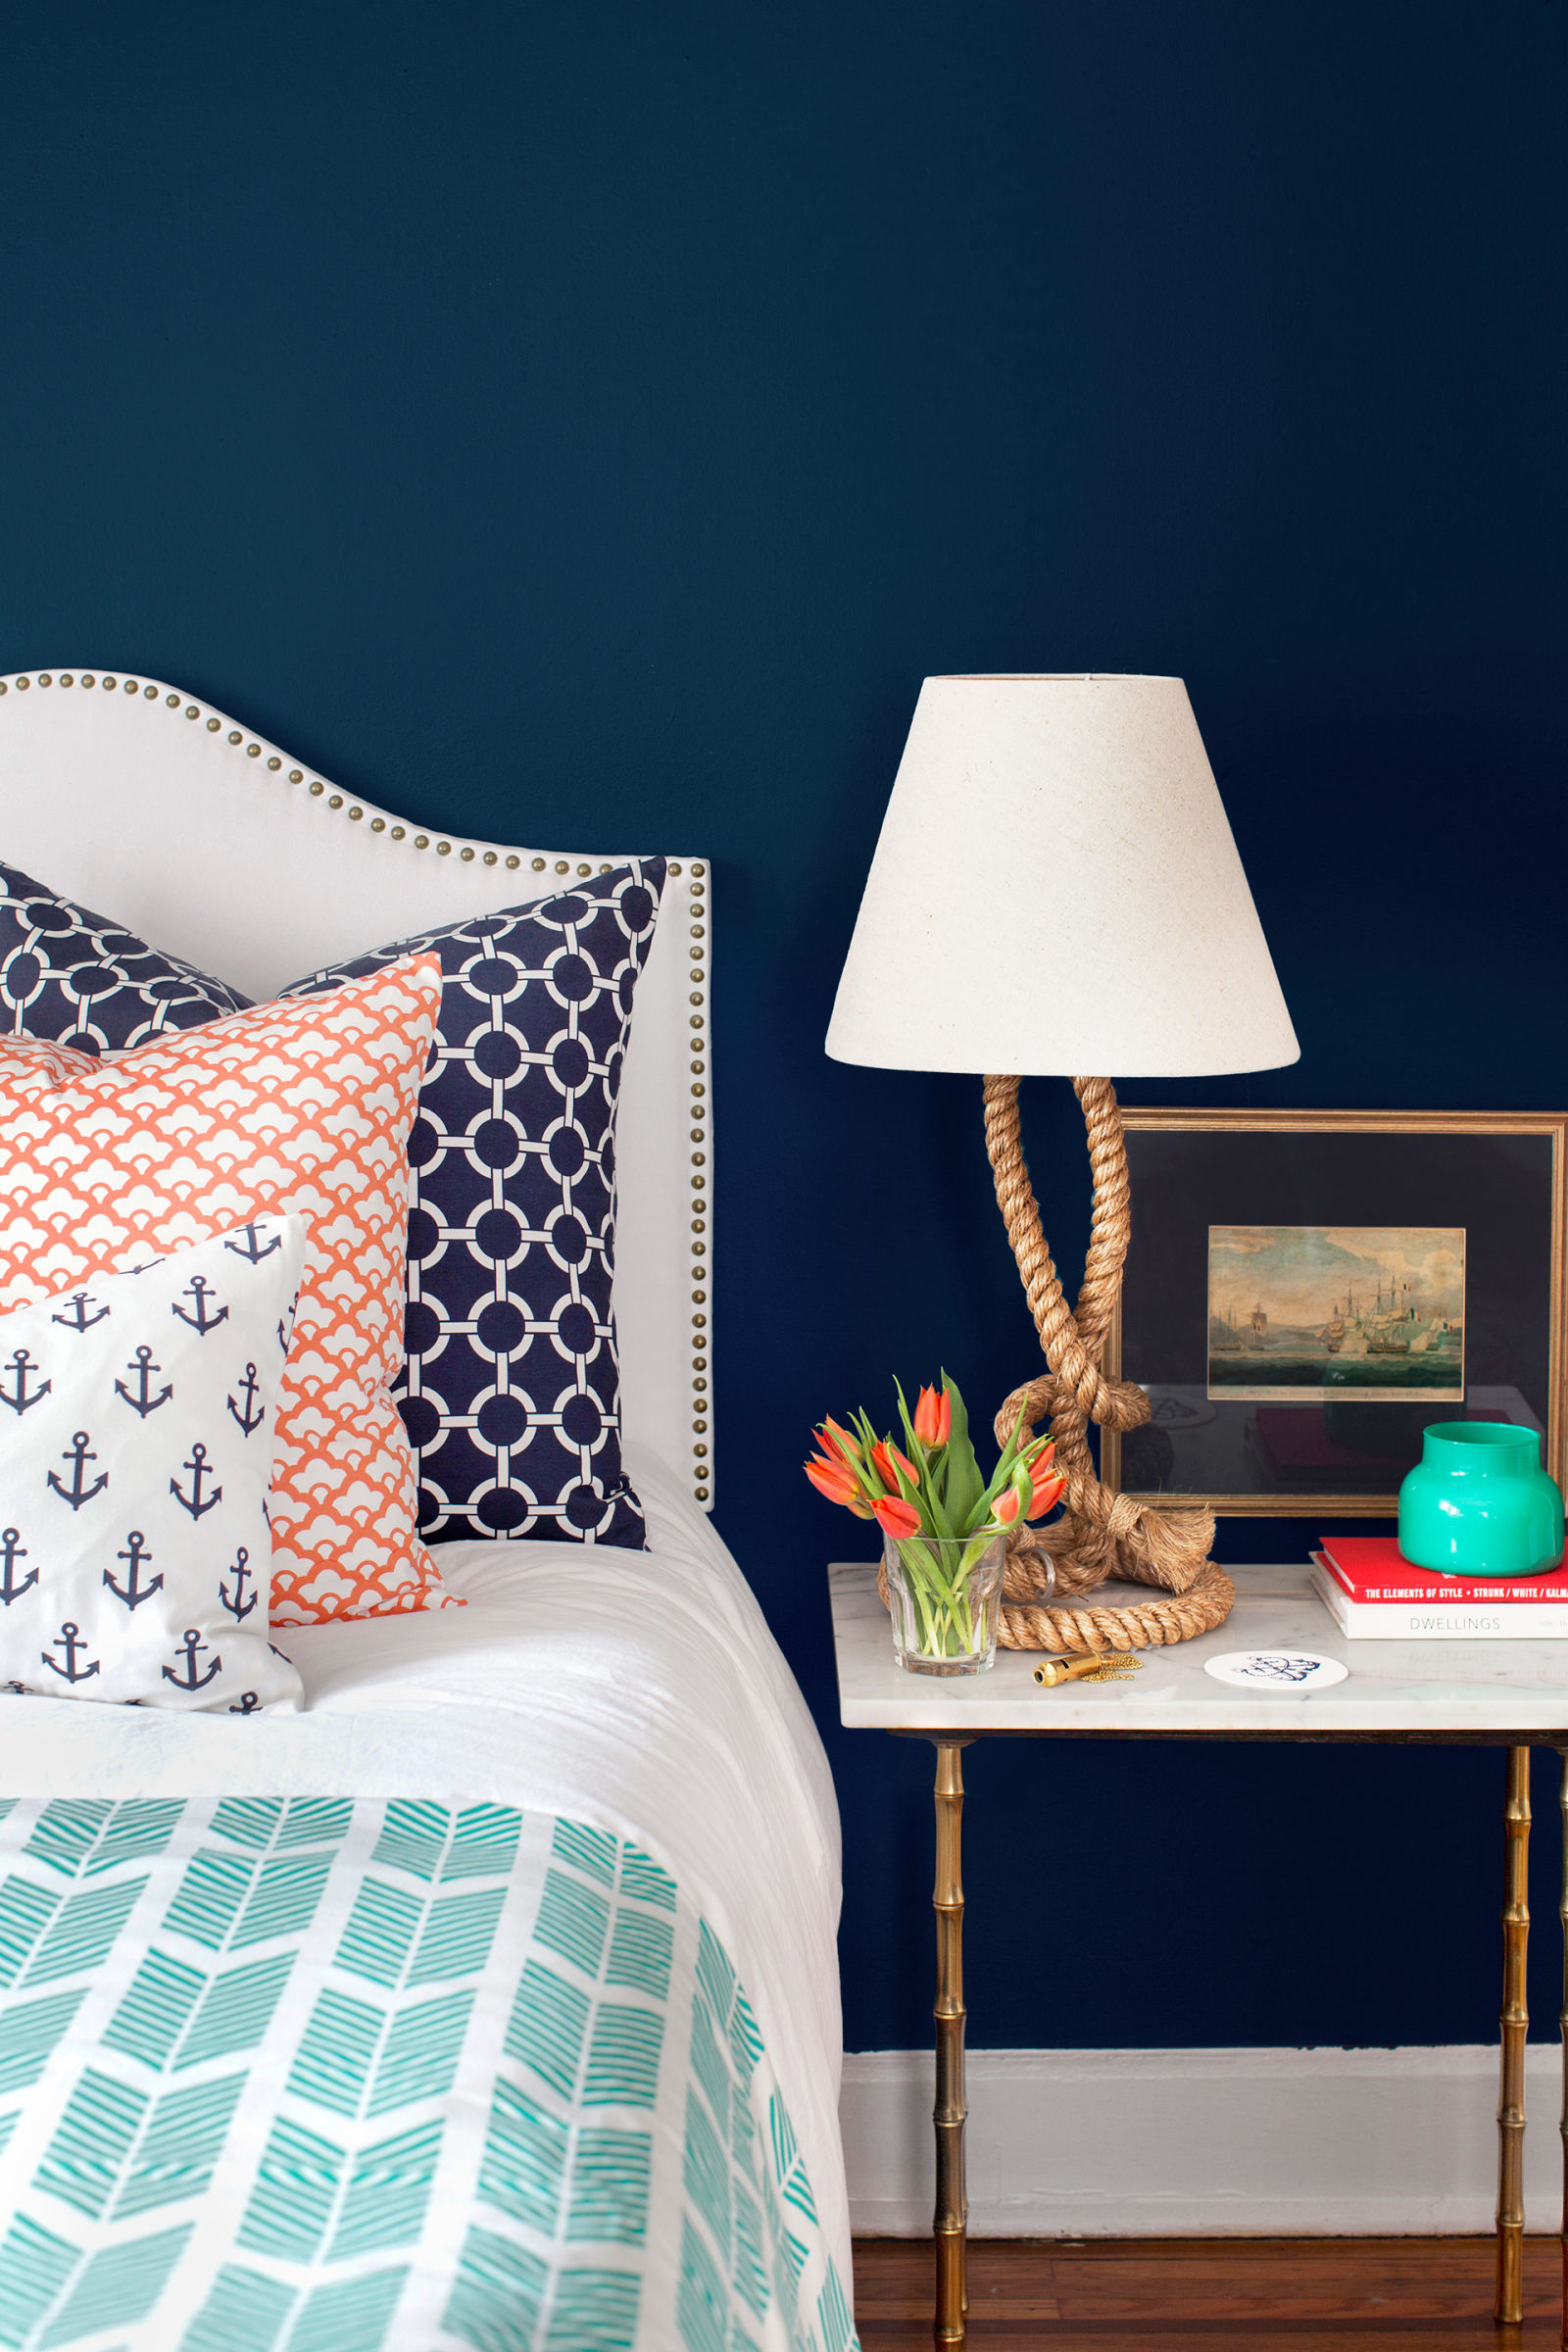 13 cheap bedroom makeover ideas diy master bedroom makeover on a 13 cheap bedroom makeover ideas diy master bedroom makeover on a budget